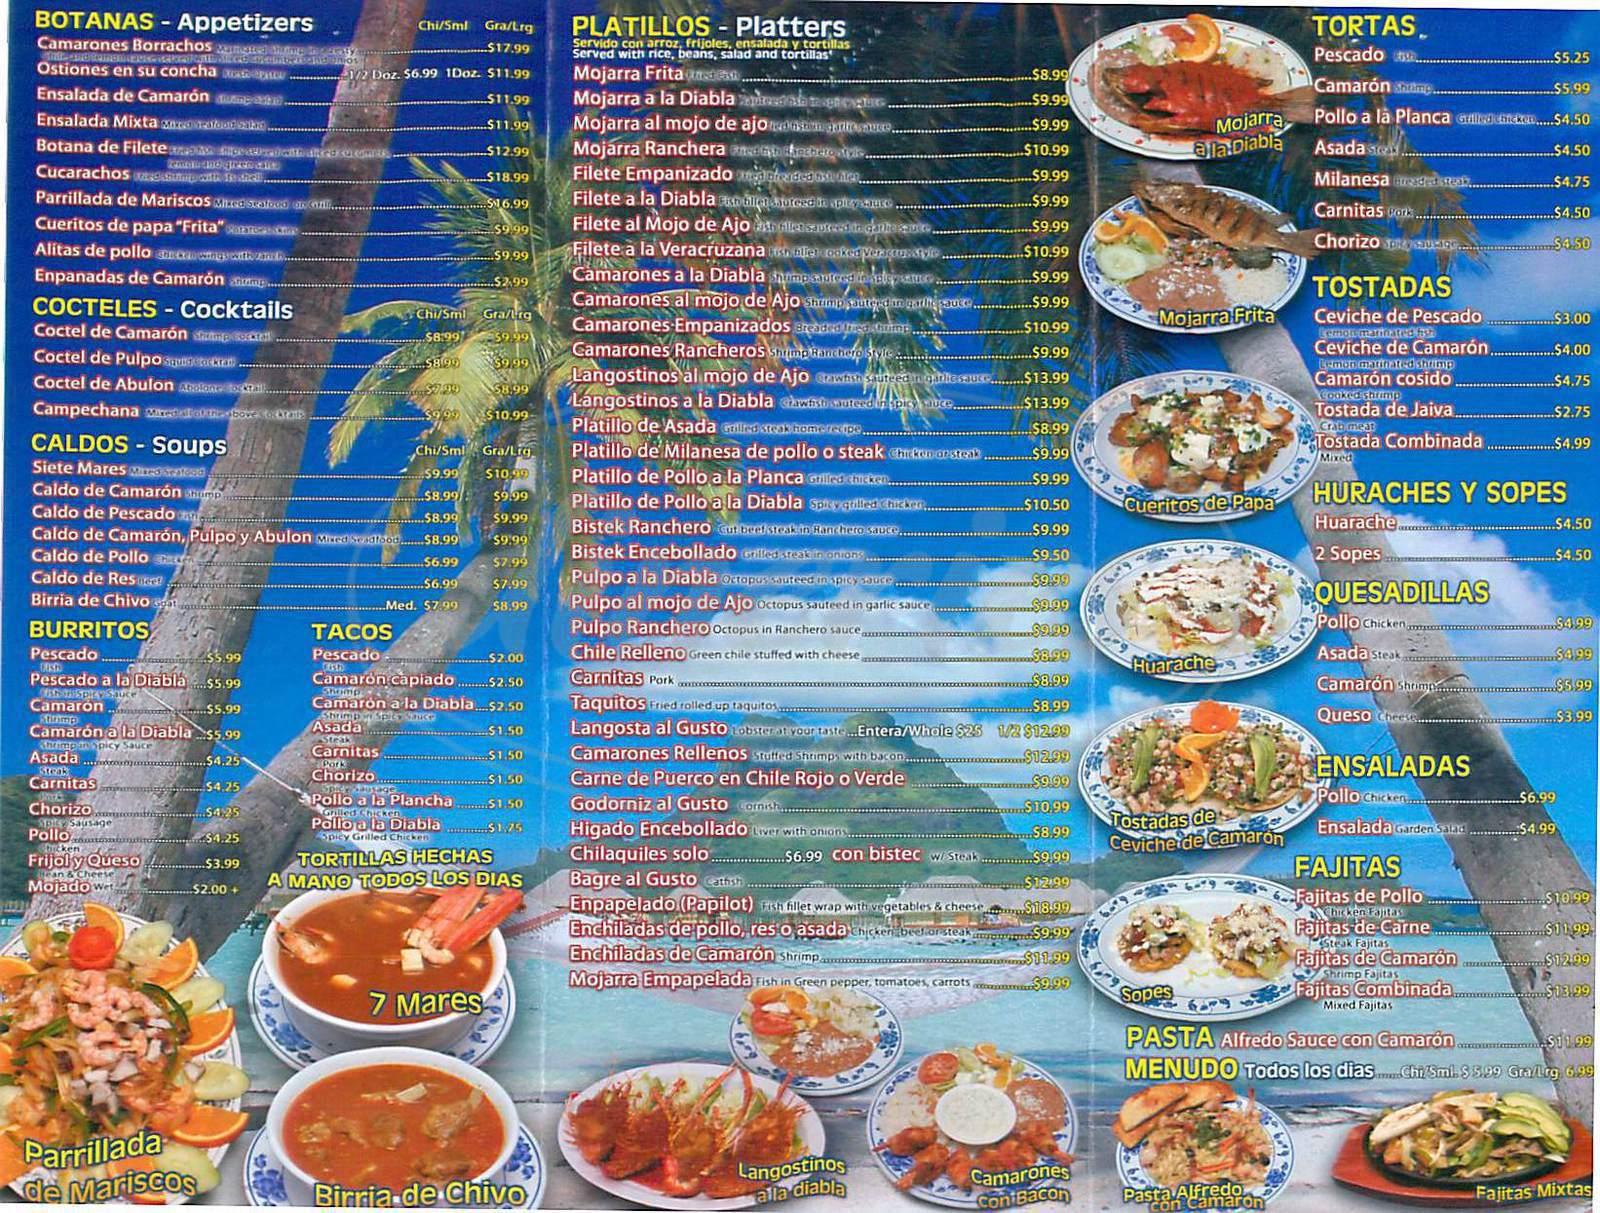 menu for La Mojarra Restaurant